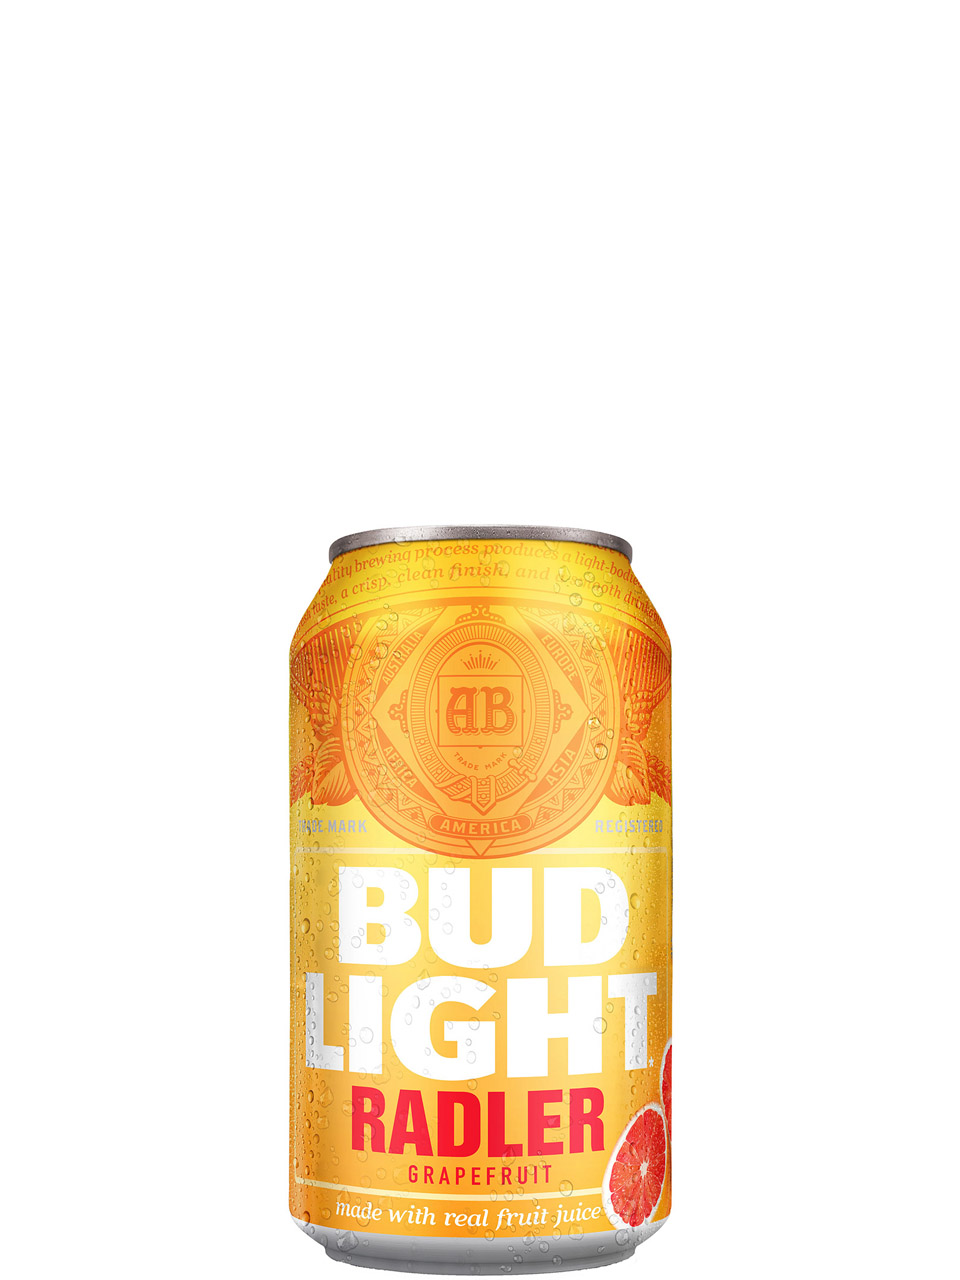 Bud Light Radler 12pk Cans